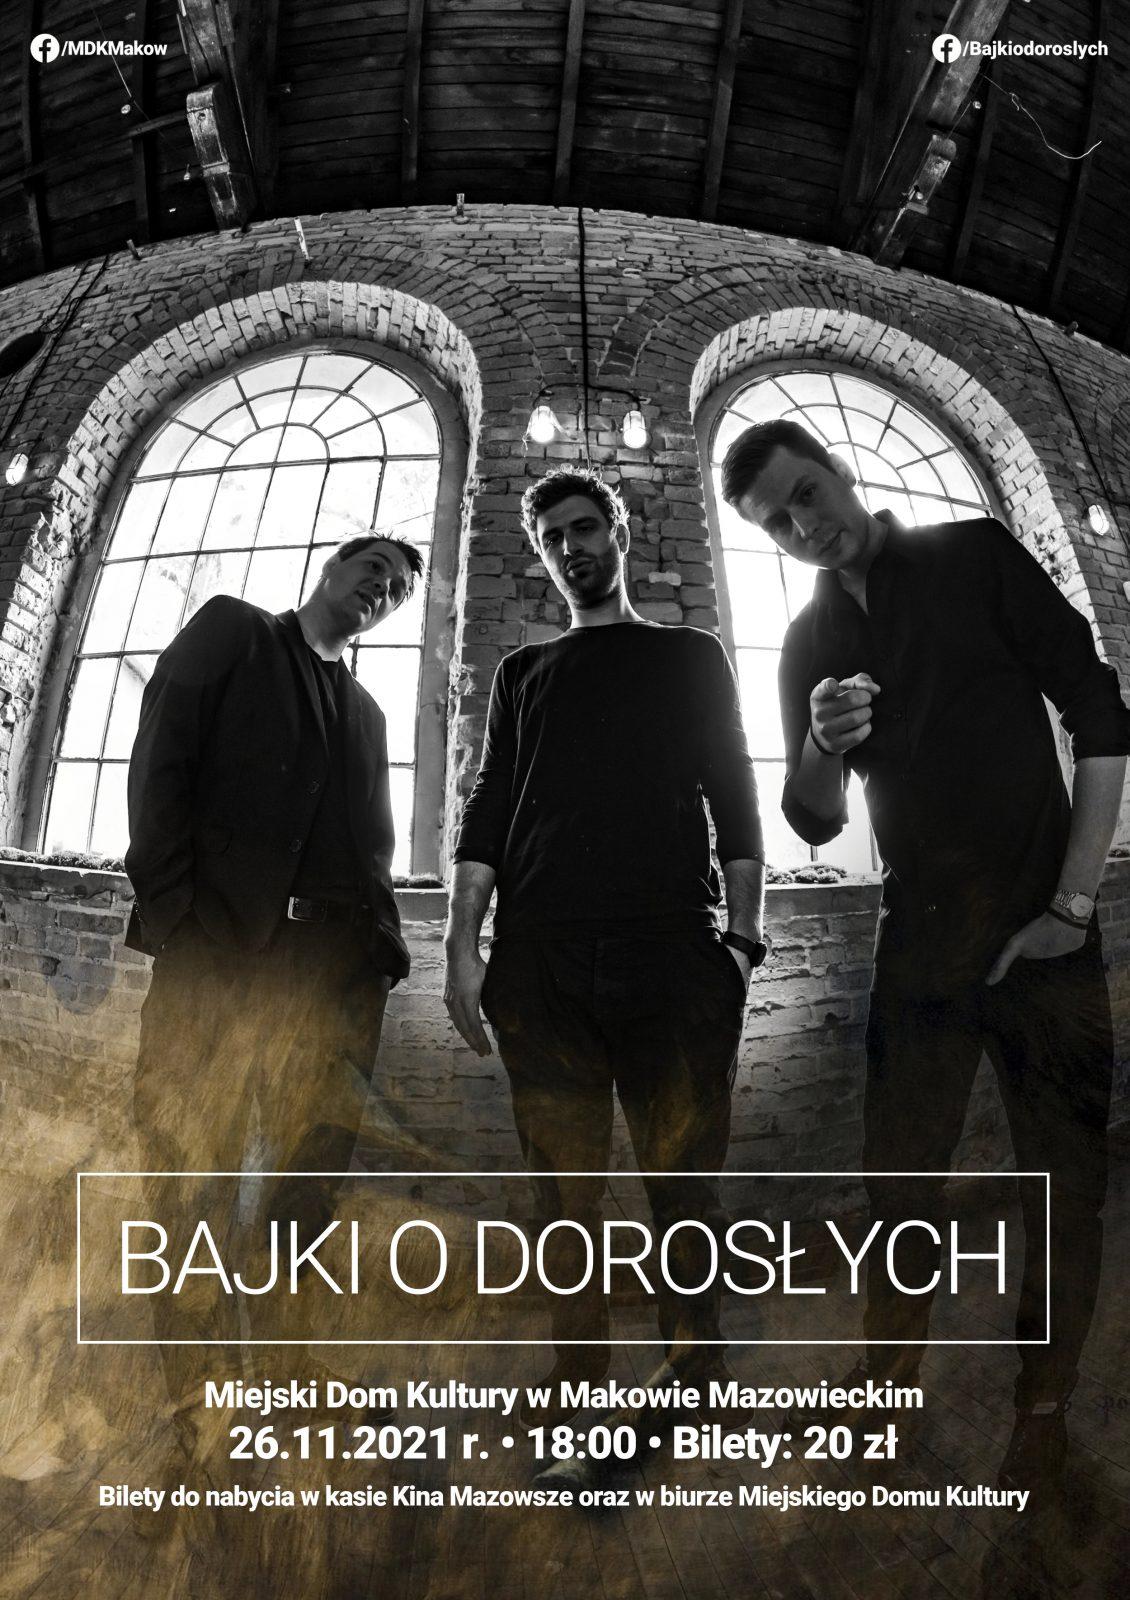 Czrno biały plakat koncertu Bajki o dorosłych. Na głównym planie sylwetki artystów.